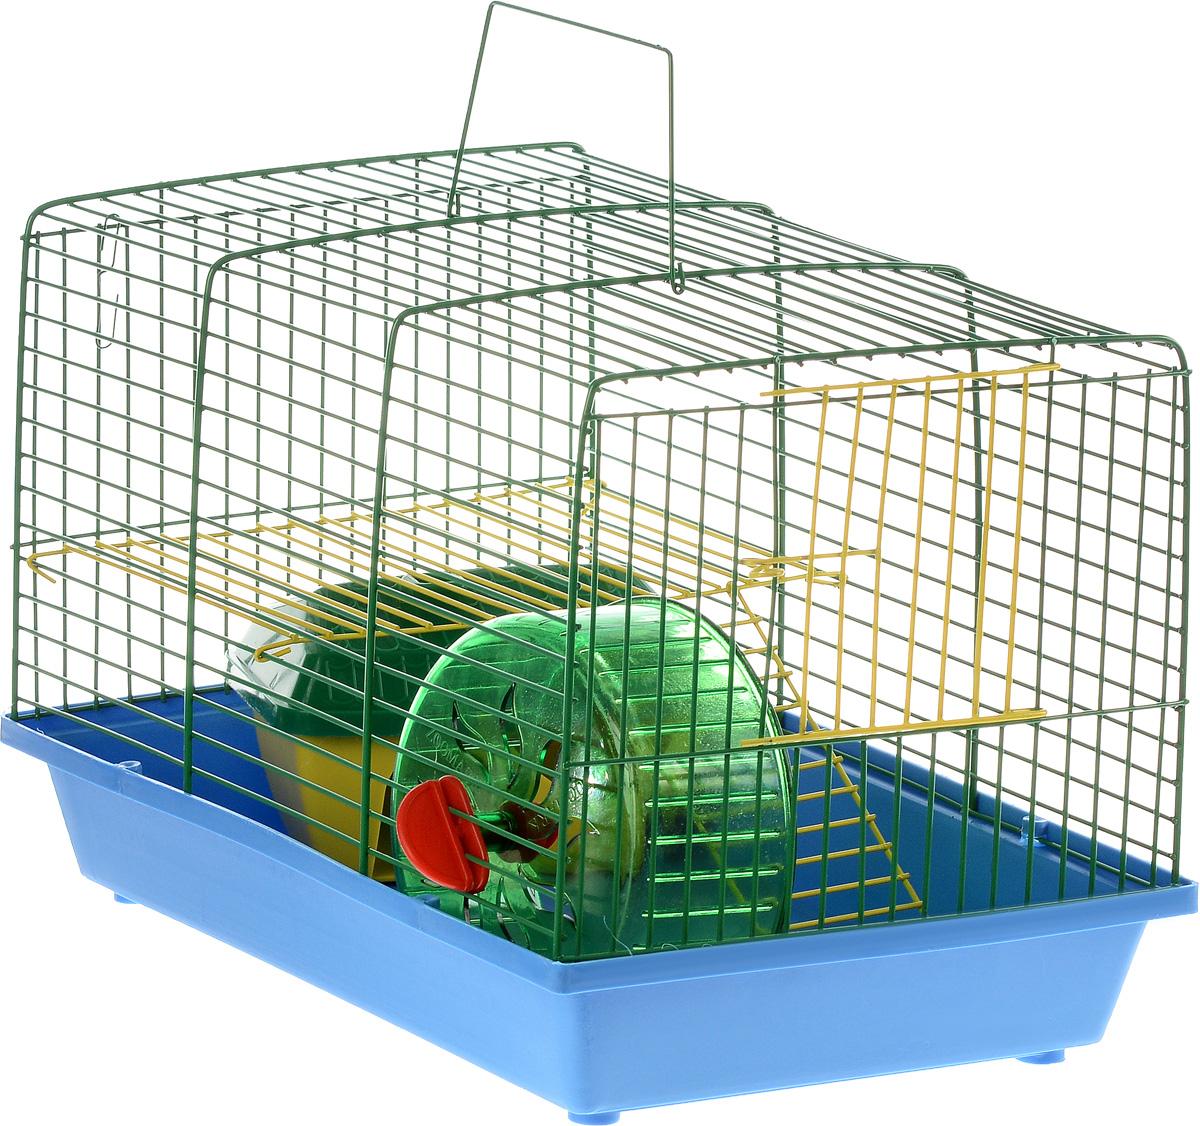 Клетка для грызунов ЗооМарк, 2-этажная, цвет: голубой поддон, зеленая решетка, желтый этаж, 36 х 22 х 24 см0120710Клетка ЗооМарк, выполненная из полипропилена и металла, подходит для мелких грызунов. Изделие двухэтажное, оборудовано колесом для подвижных игр и пластиковым домиком. Клетка имеет яркий поддон, удобна в использовании и легко чистится. Сверху имеется ручка для переноски, а сбоку удобная дверца. Такая клетка станет уединенным личным пространством и уютным домиком для маленького грызуна.